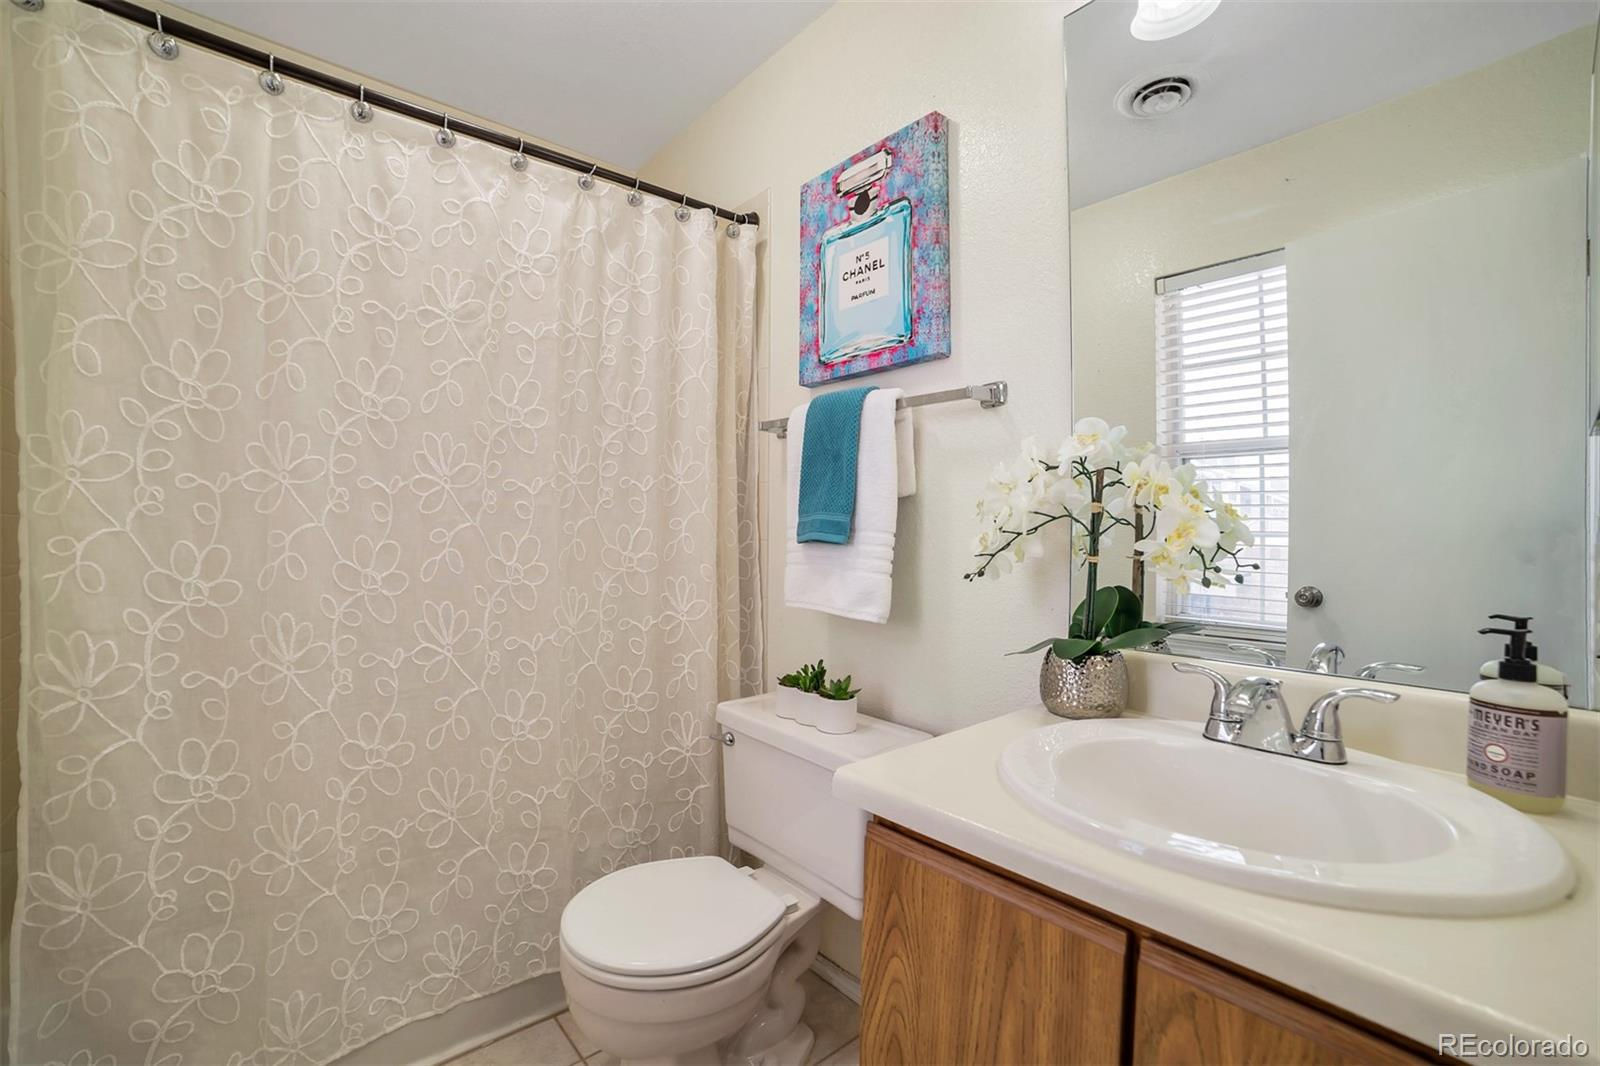 MLS# 3593928 - 8 - 2666 E Otero Place #1, Centennial, CO 80122